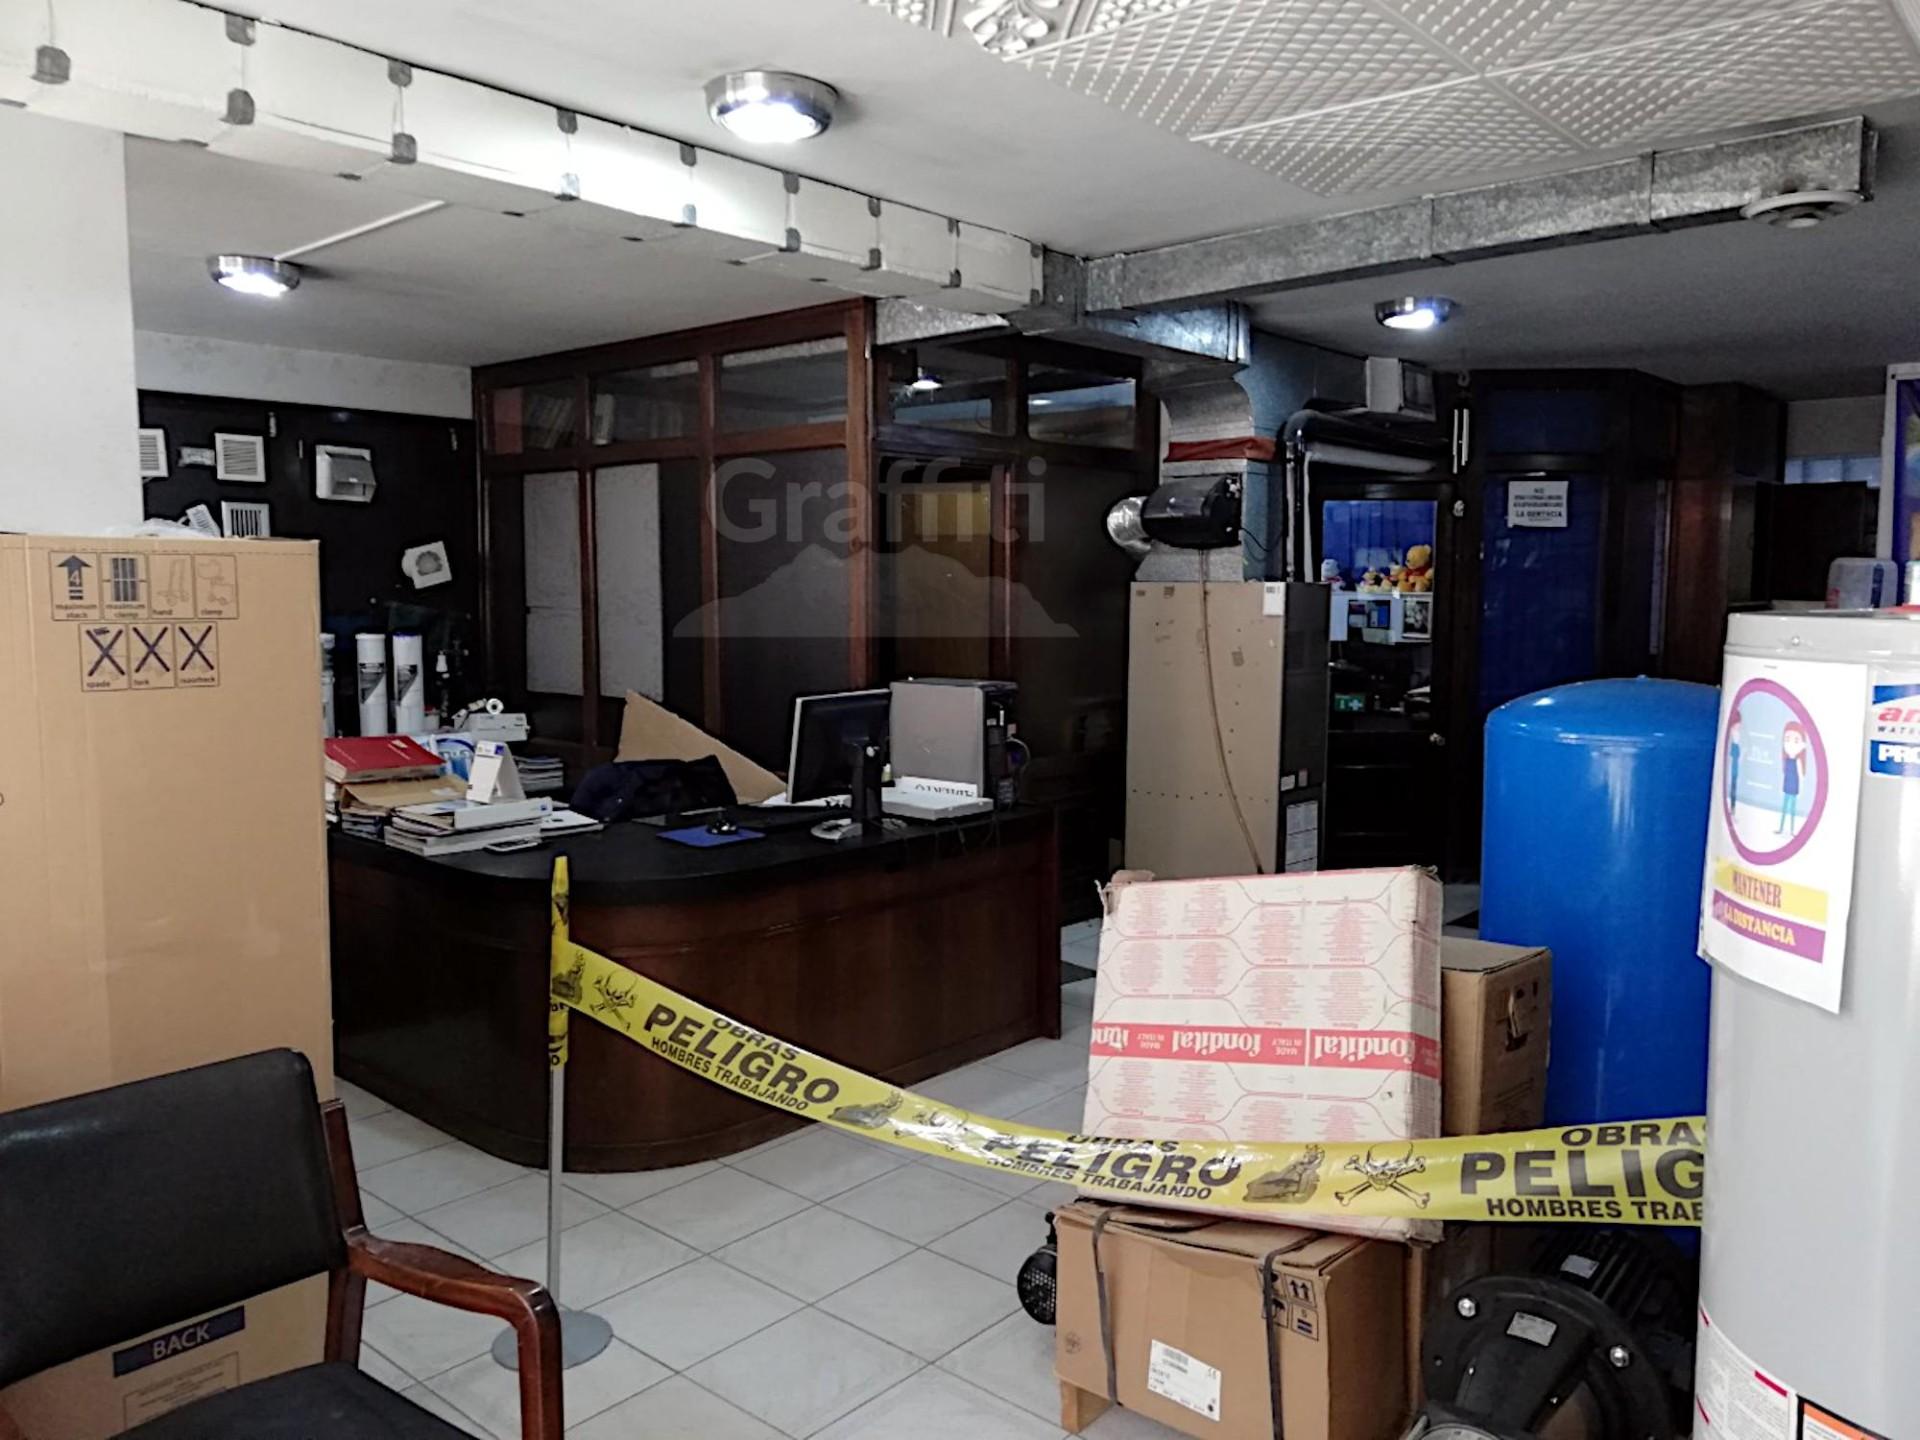 Local comercial en Venta Av. Belisario Salinas. Foto 2